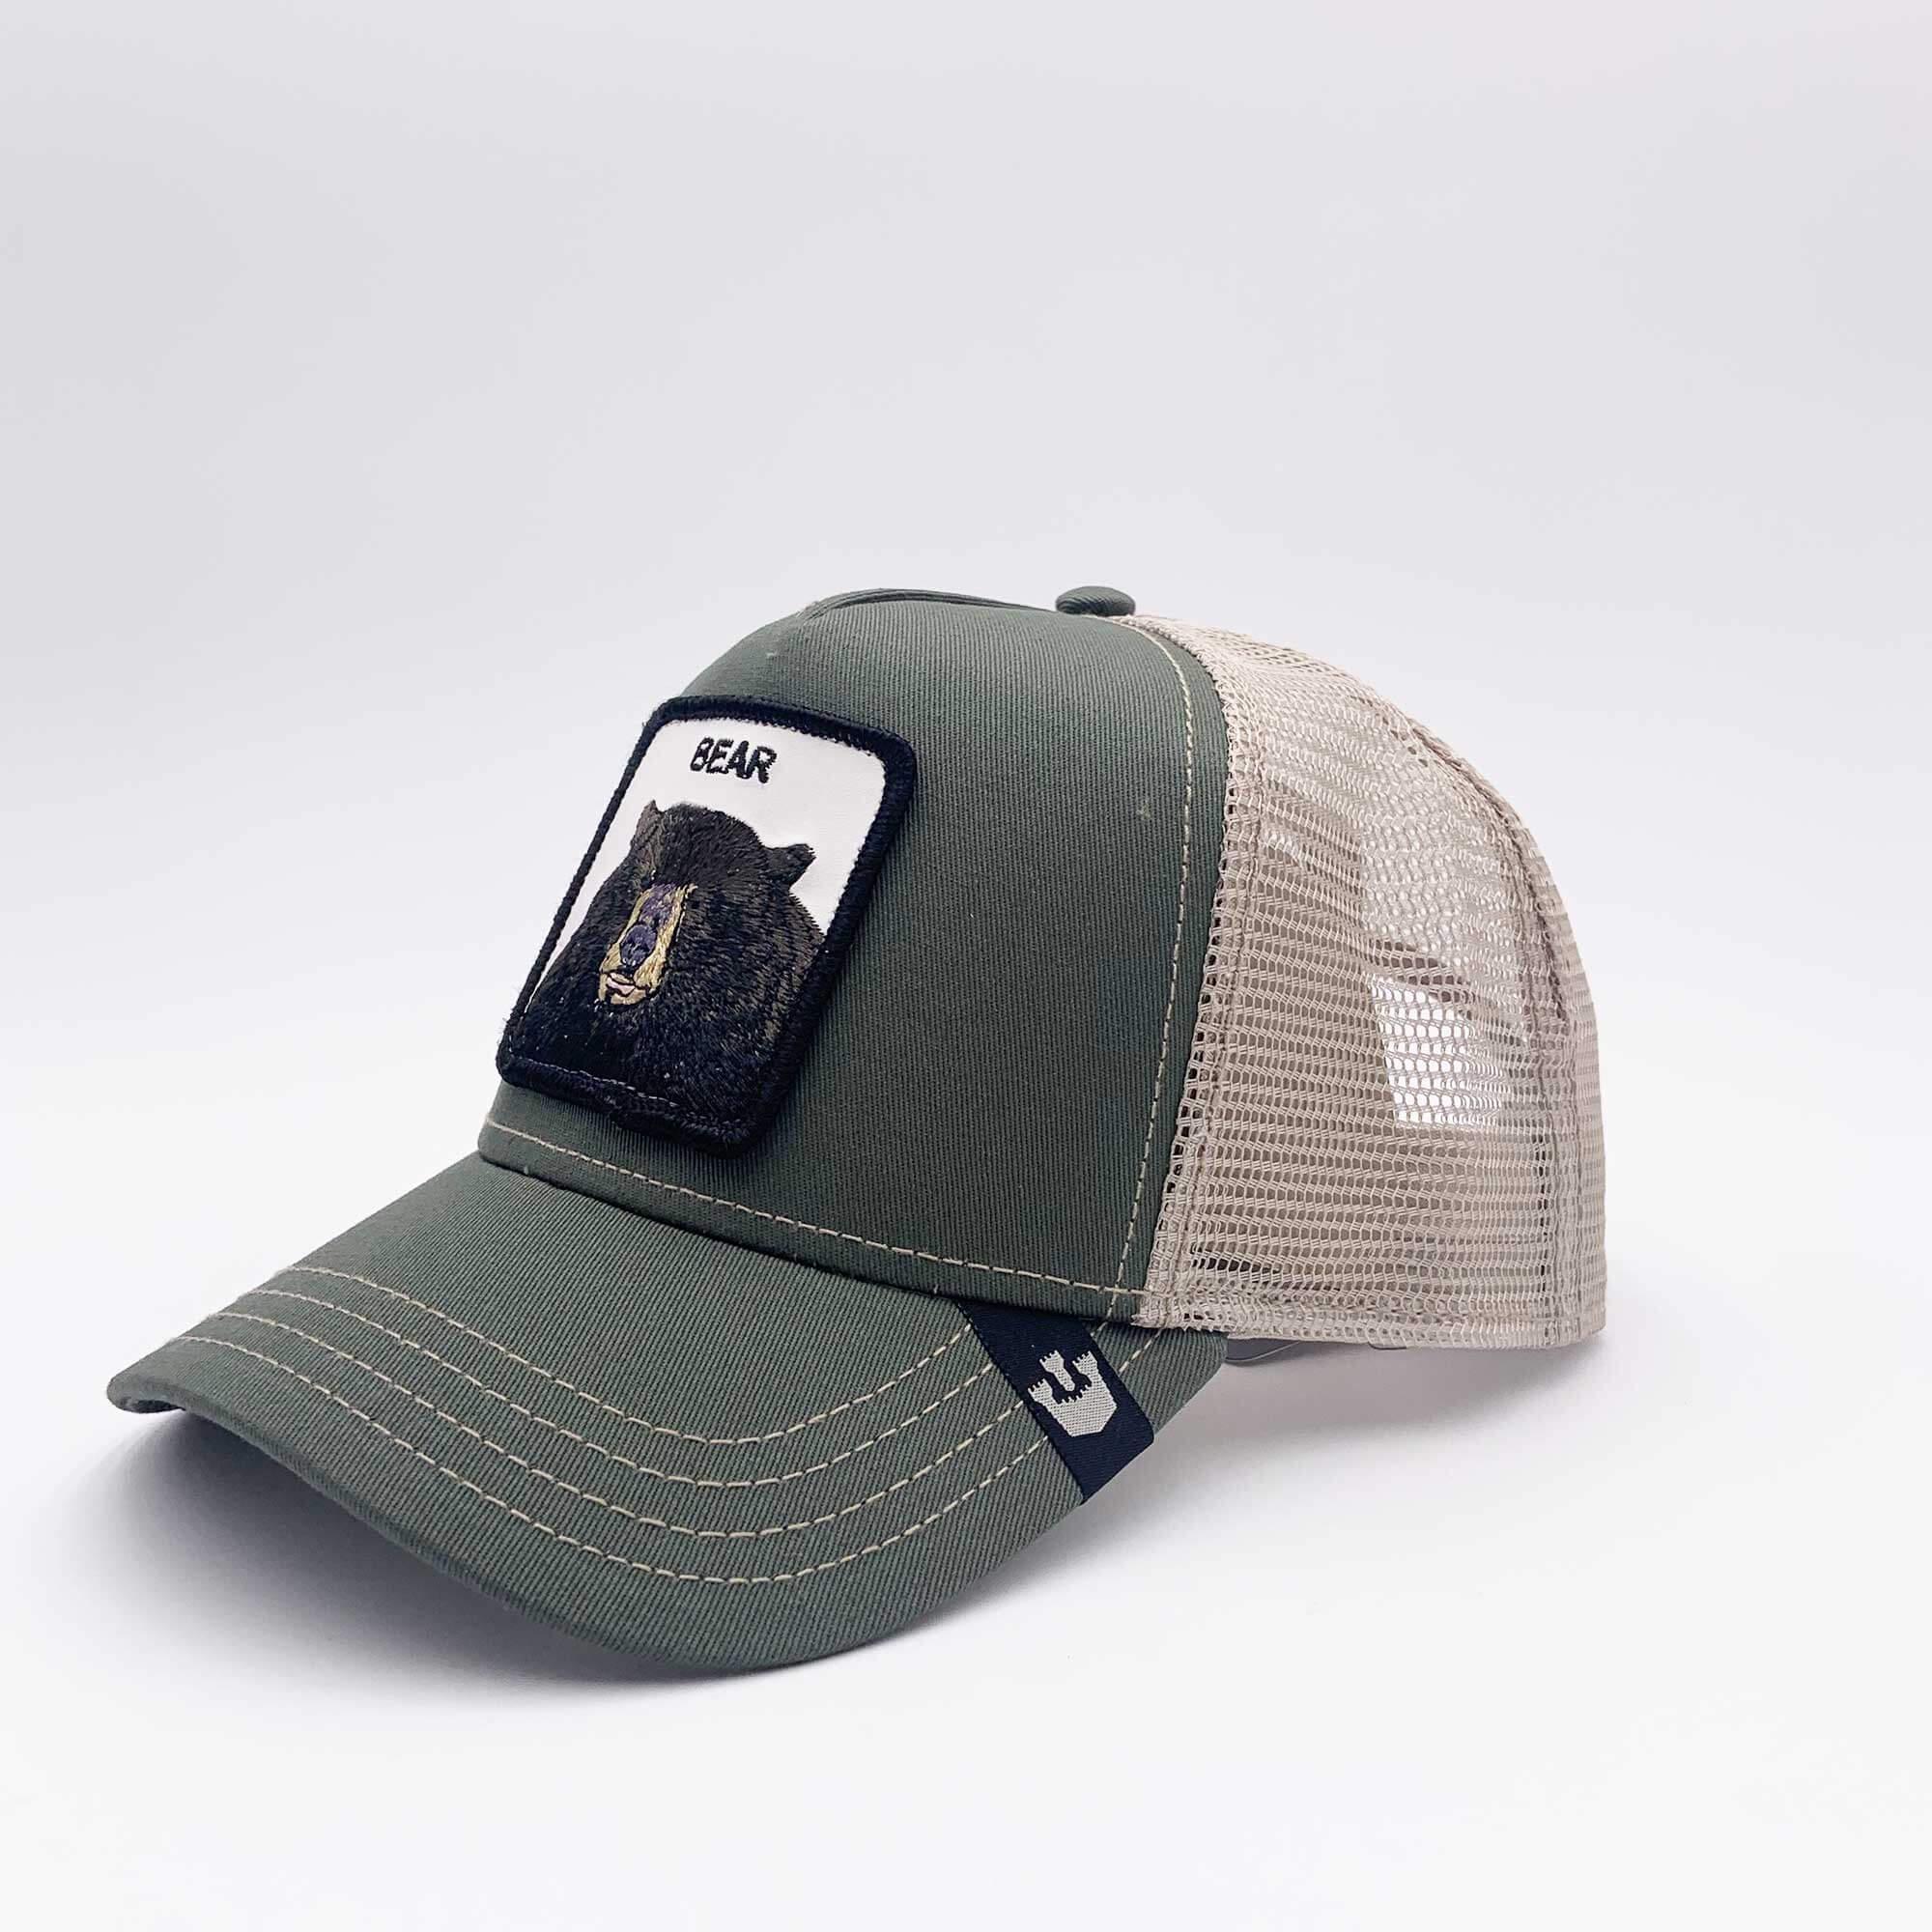 Cappello baseball bear - Verde oliva